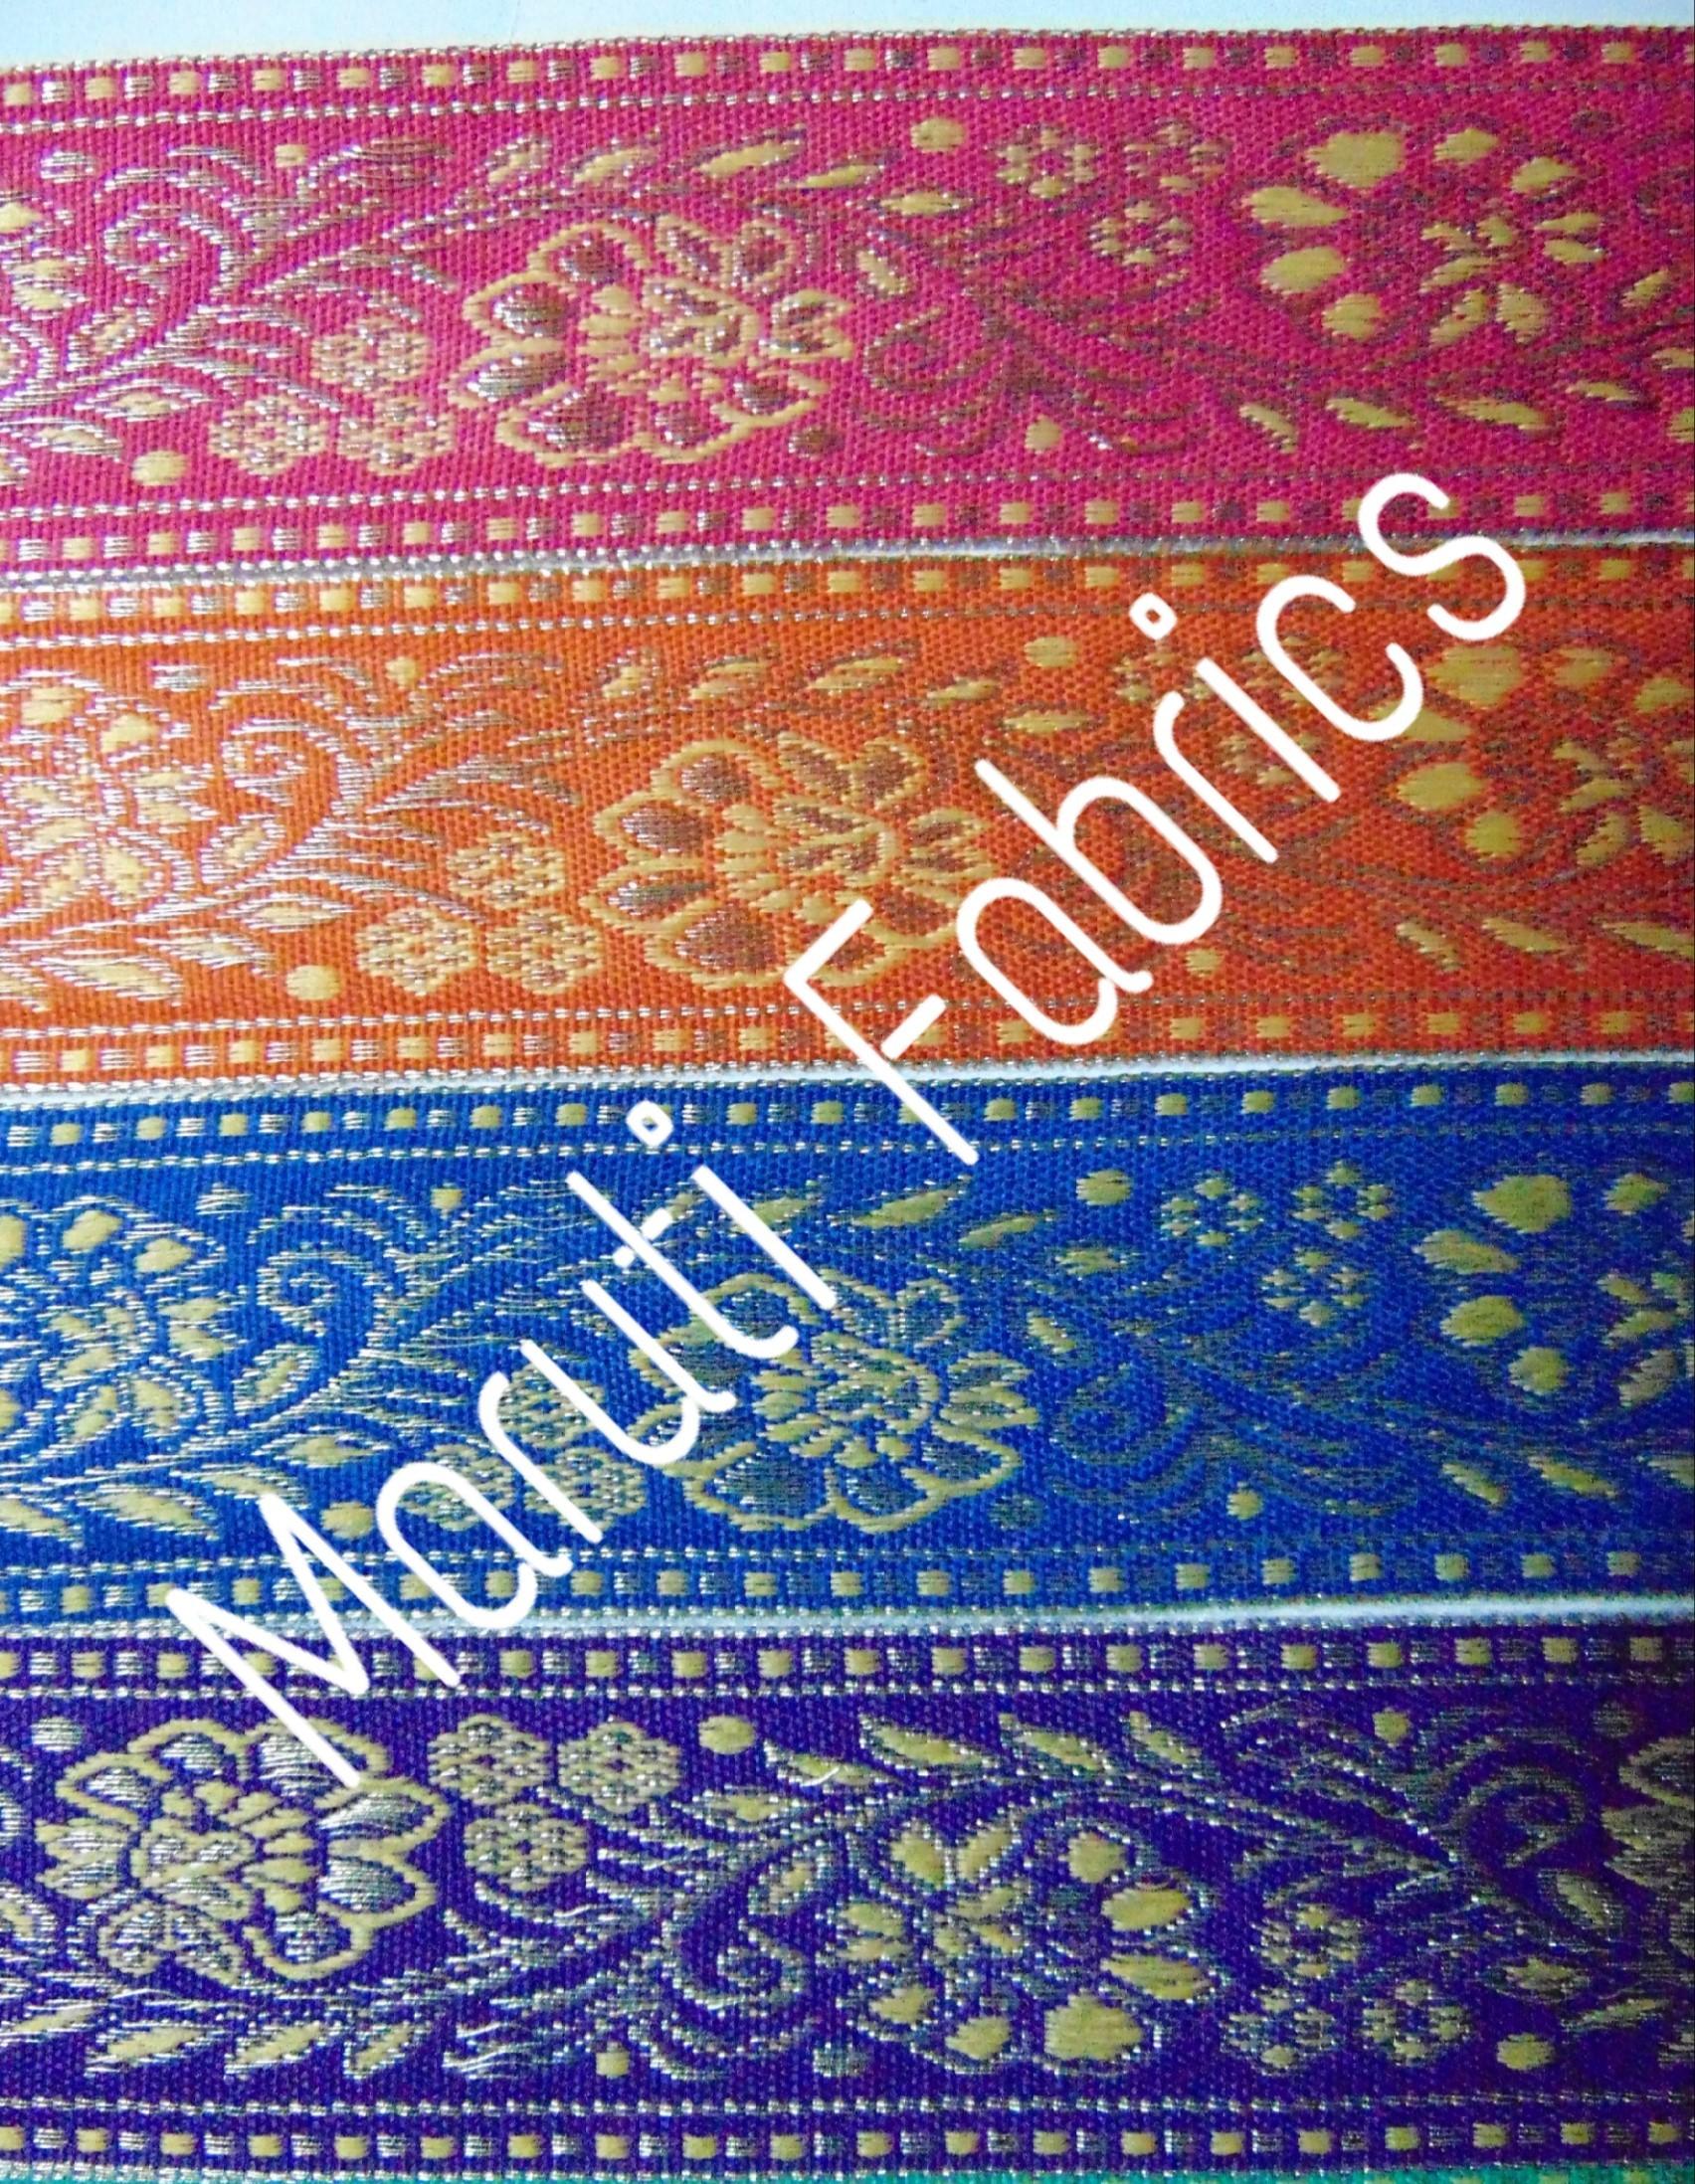 Jacquard fancy lace